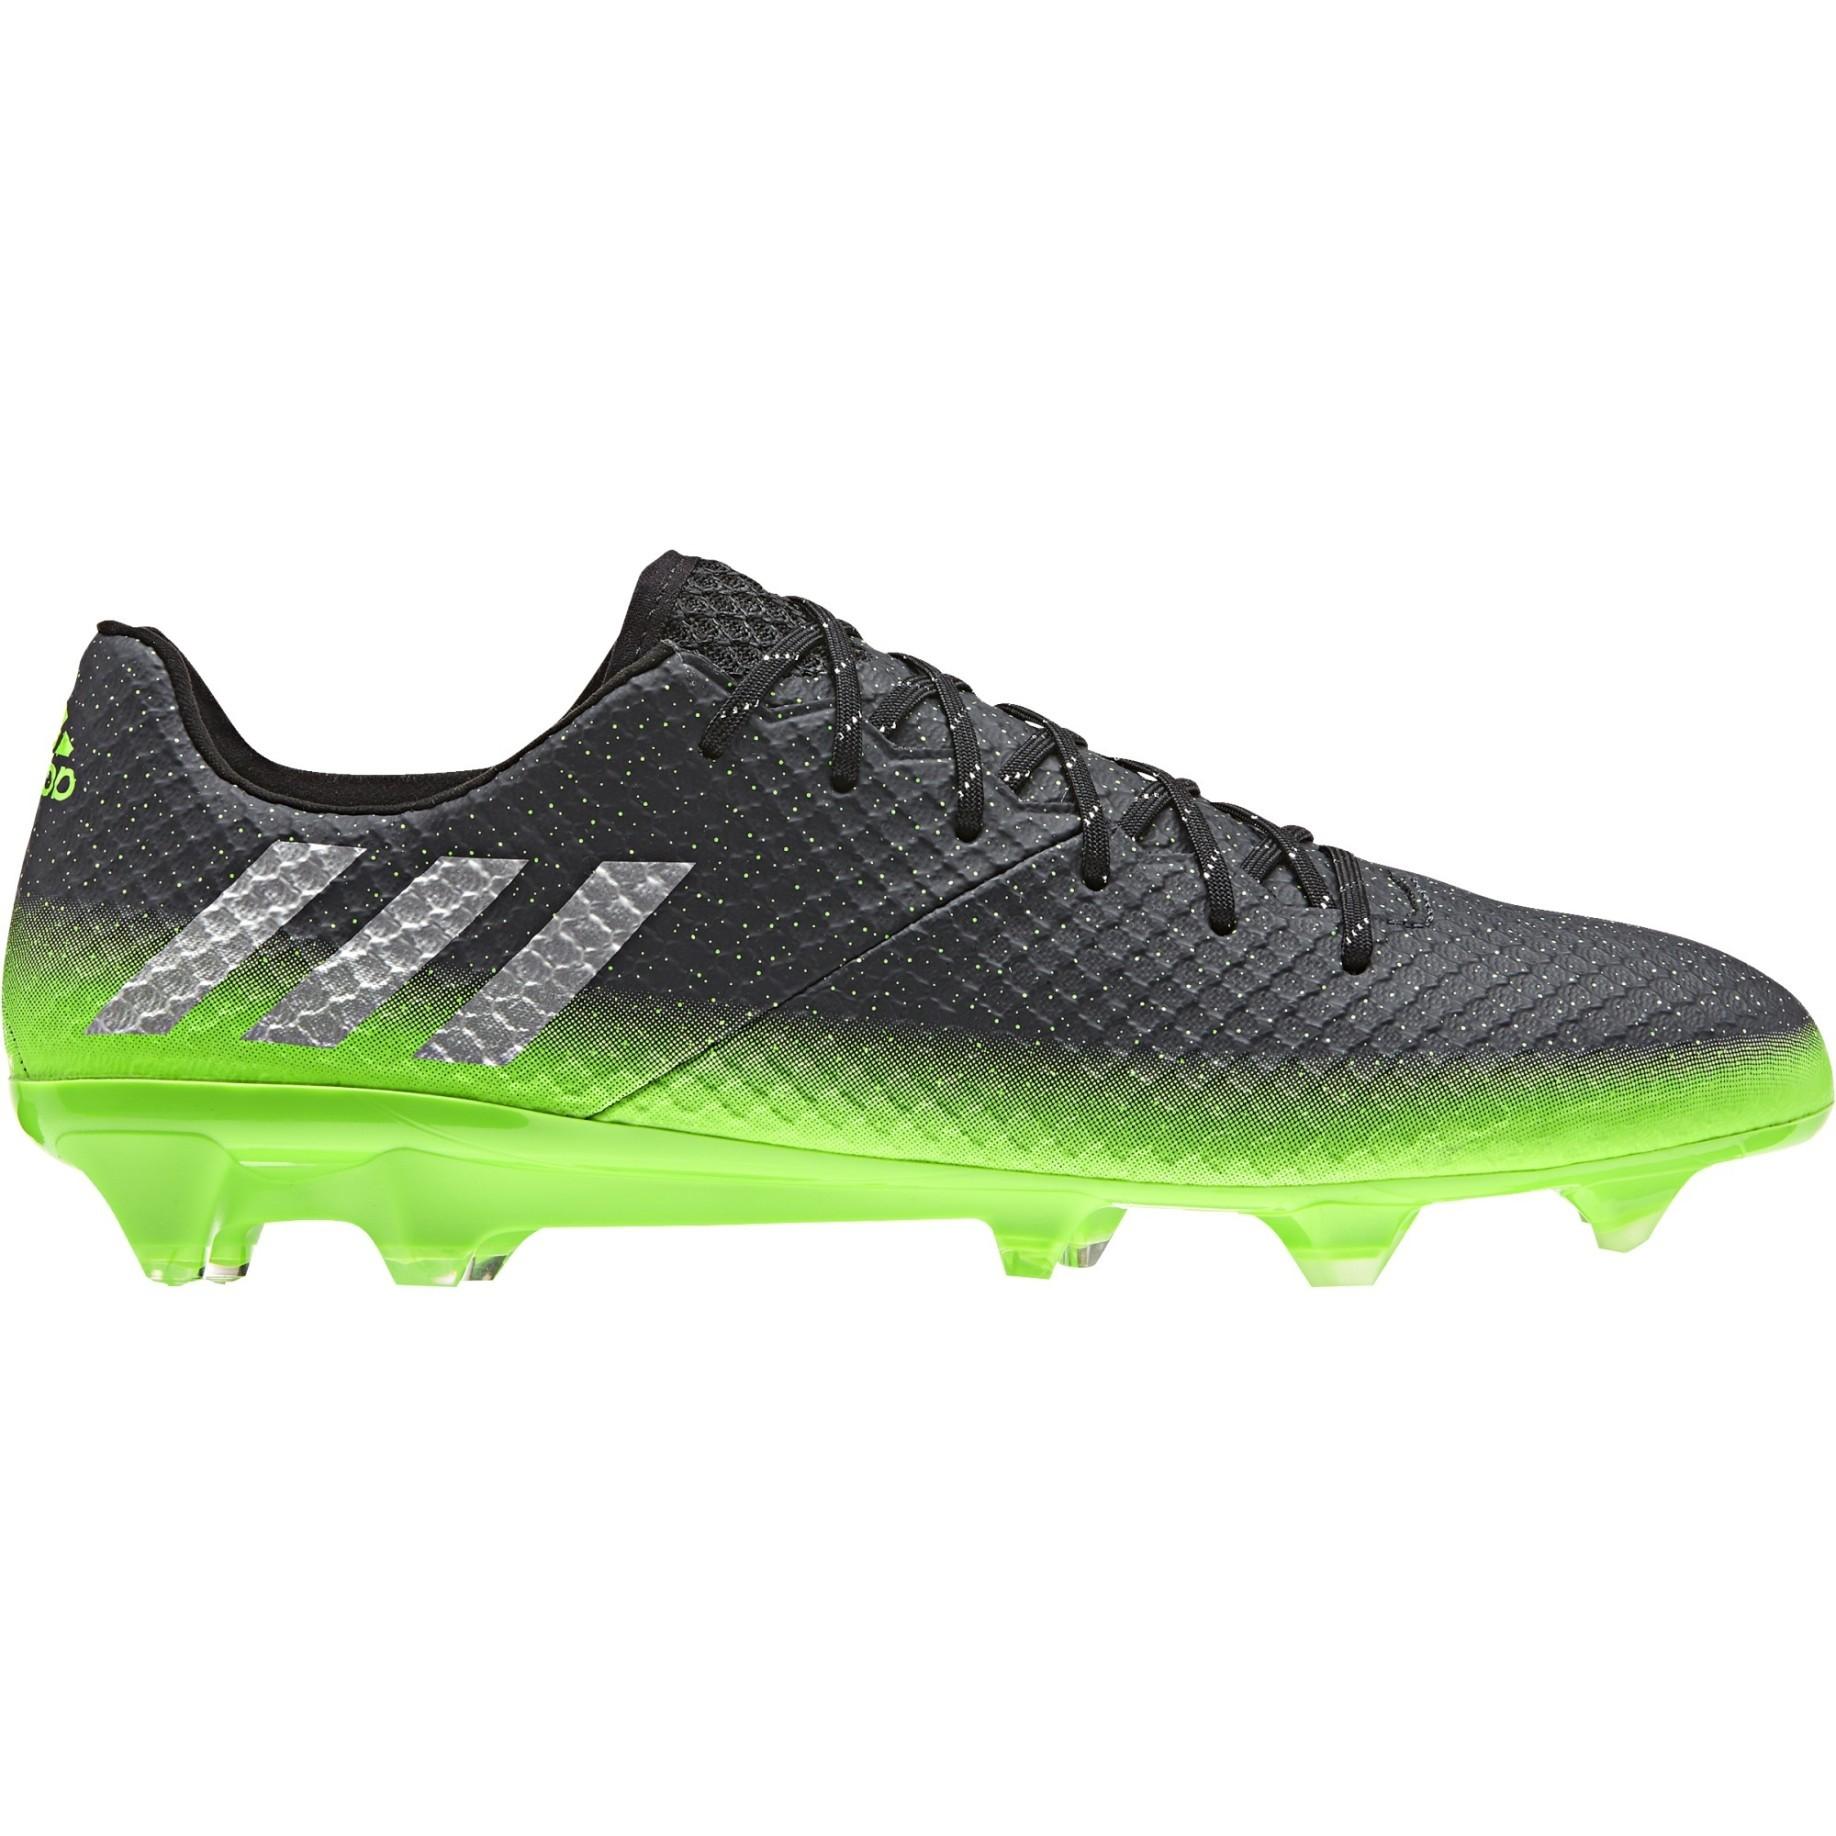 Adidas Ace 16.1 Nere